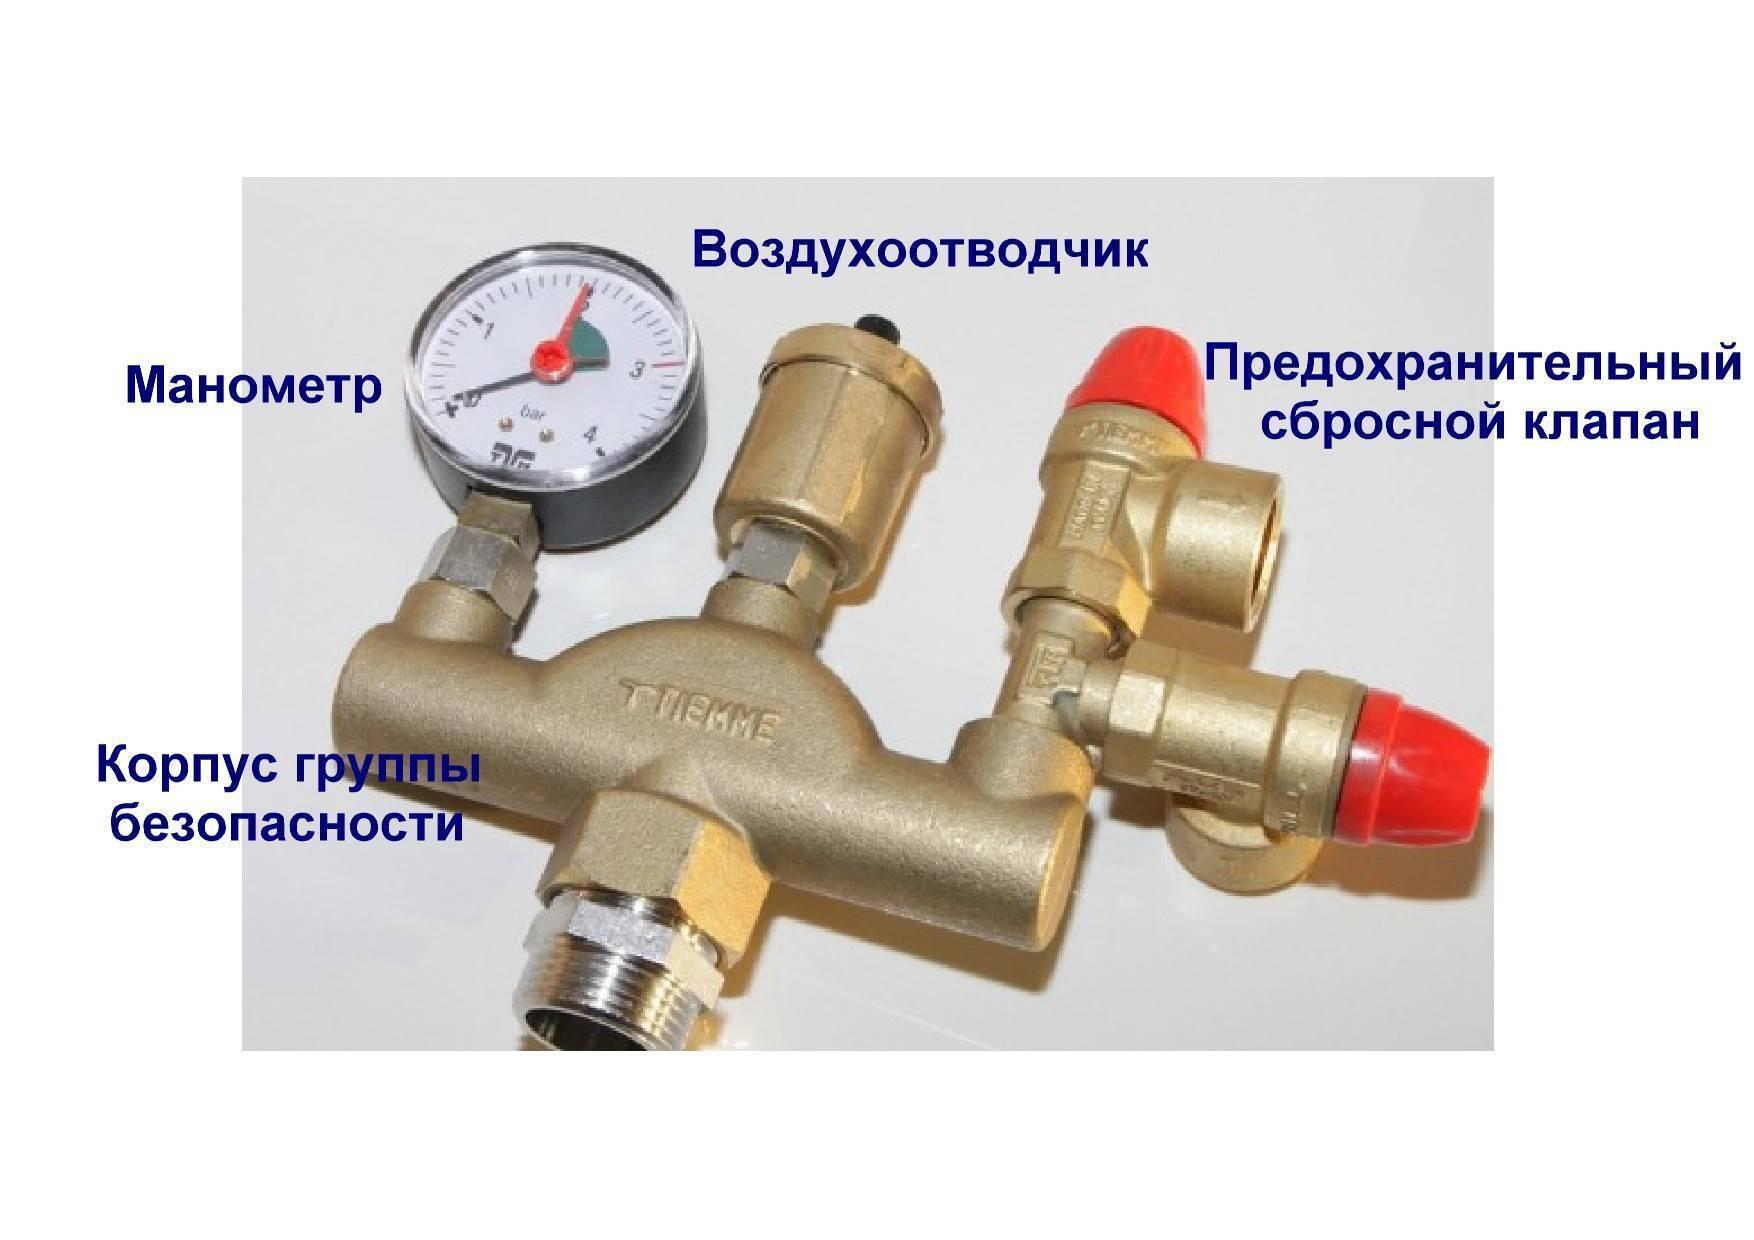 Предохранительный клапан для водонагревателя: установка и подключение